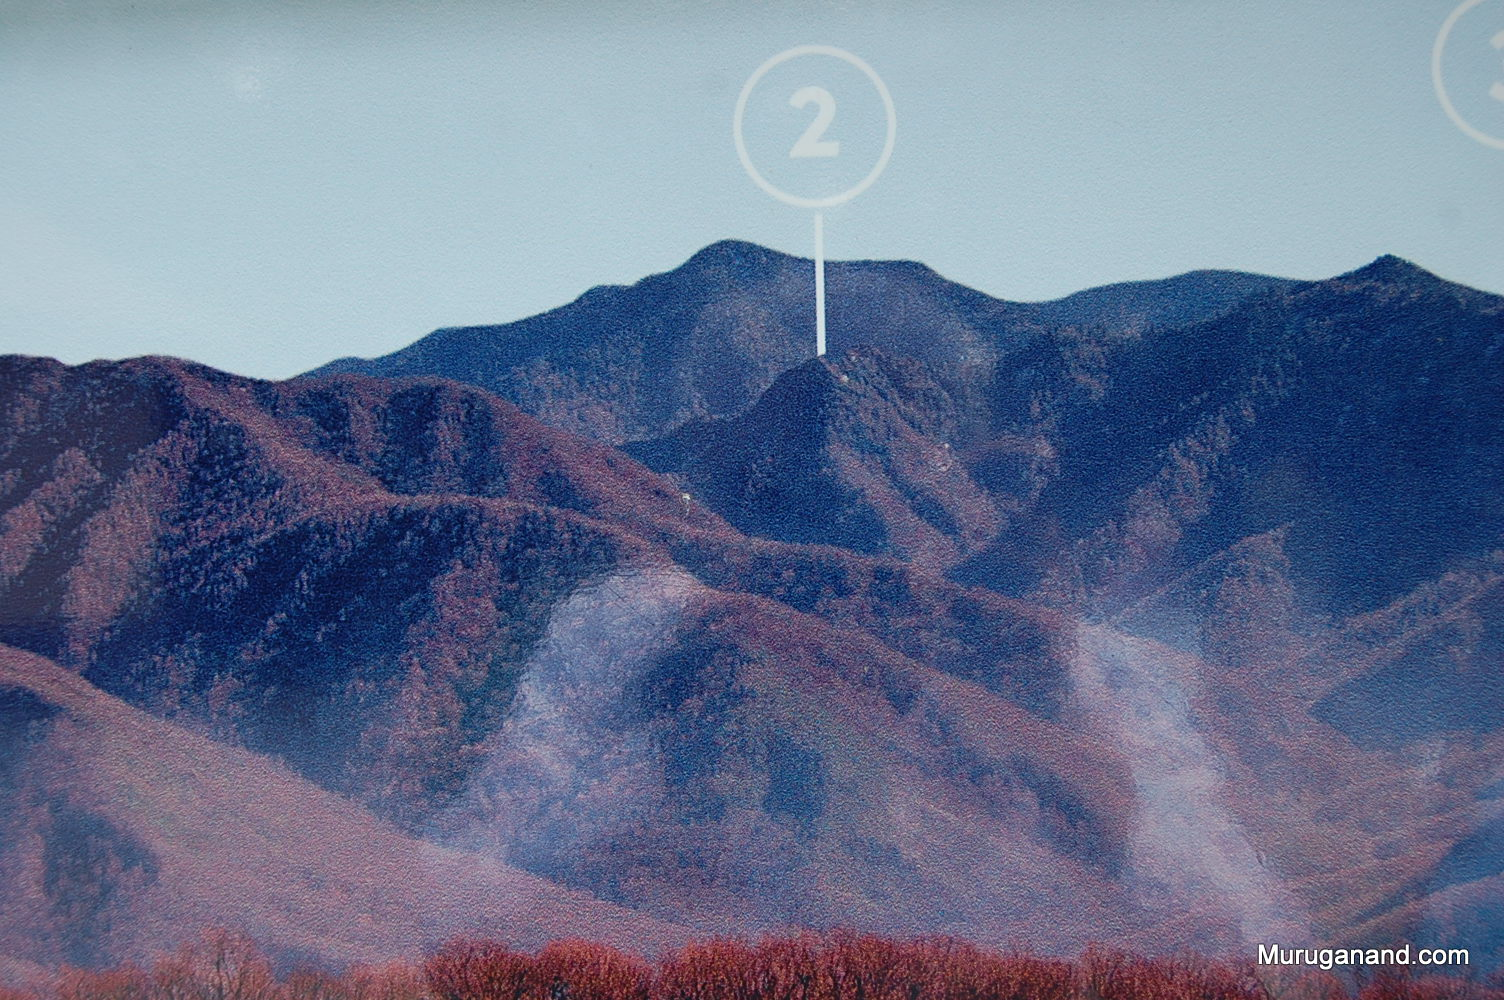 2- Chimney tops peak